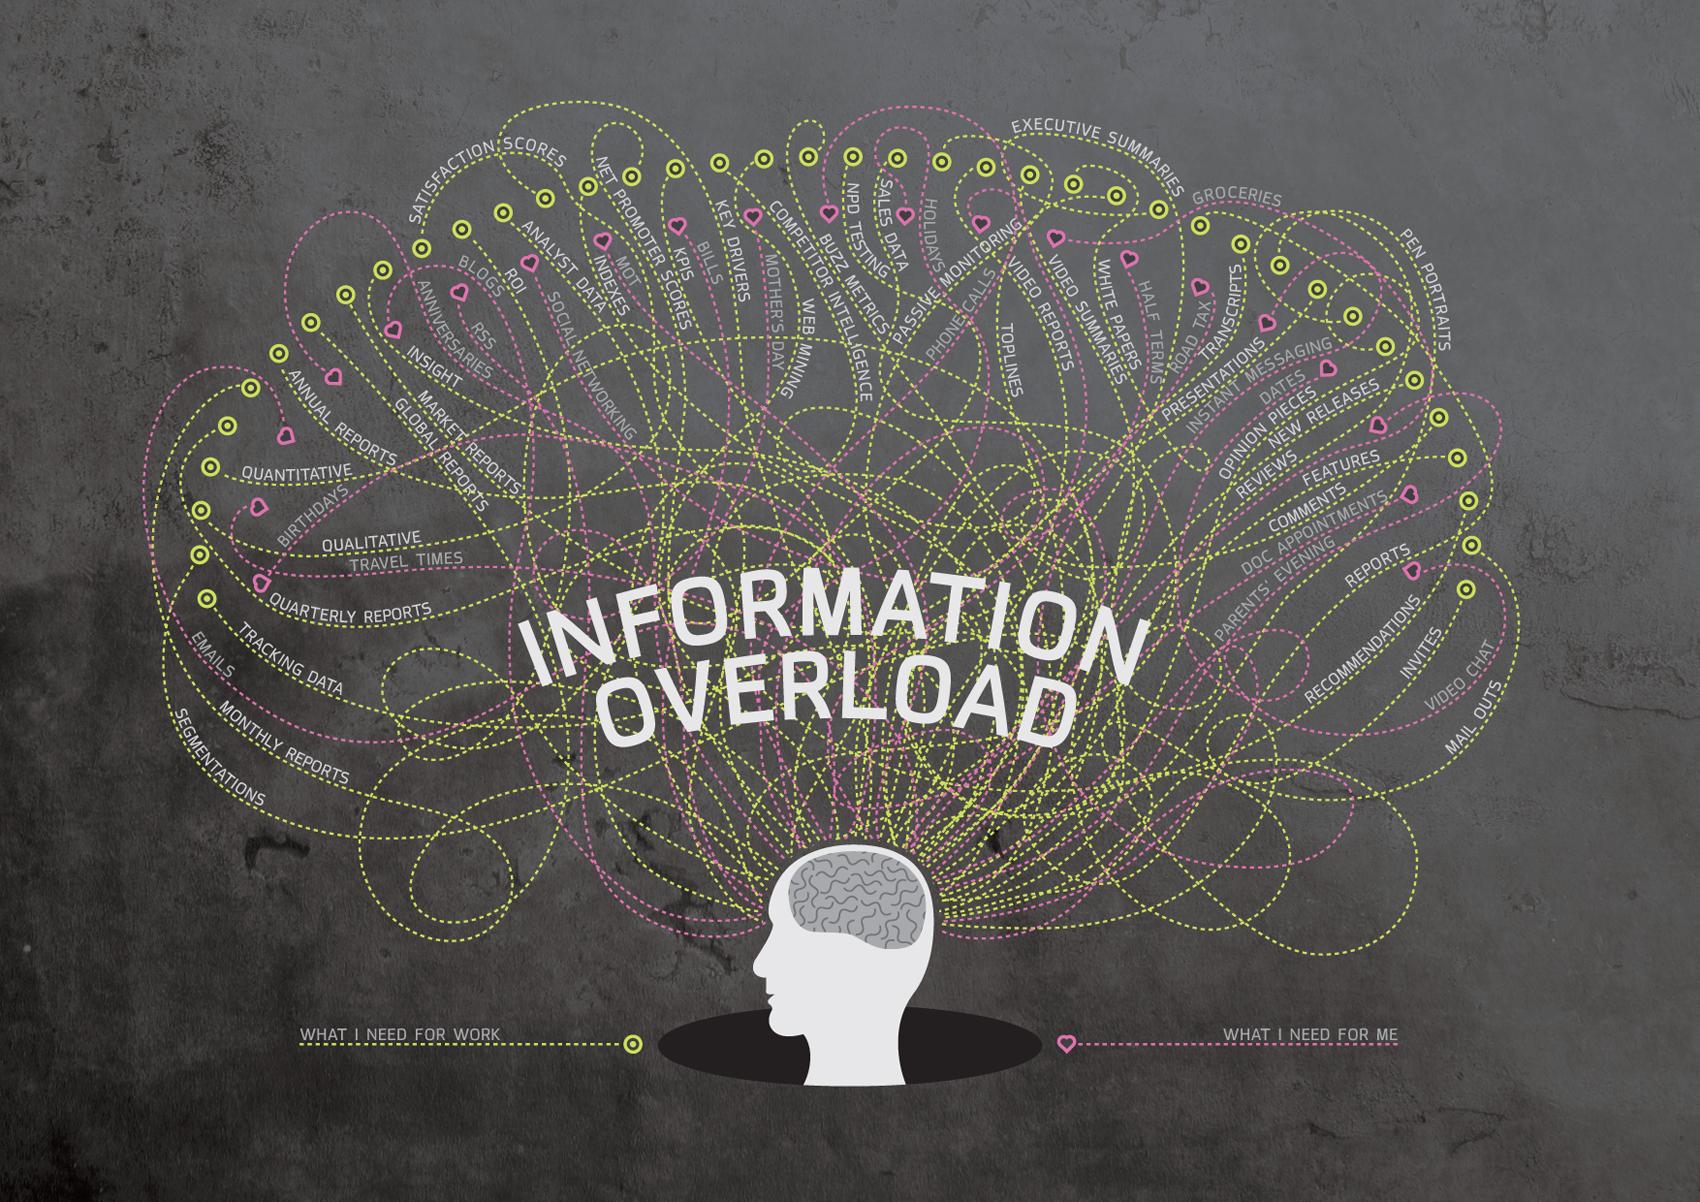 بمباران اطلاعاتی (information overload)